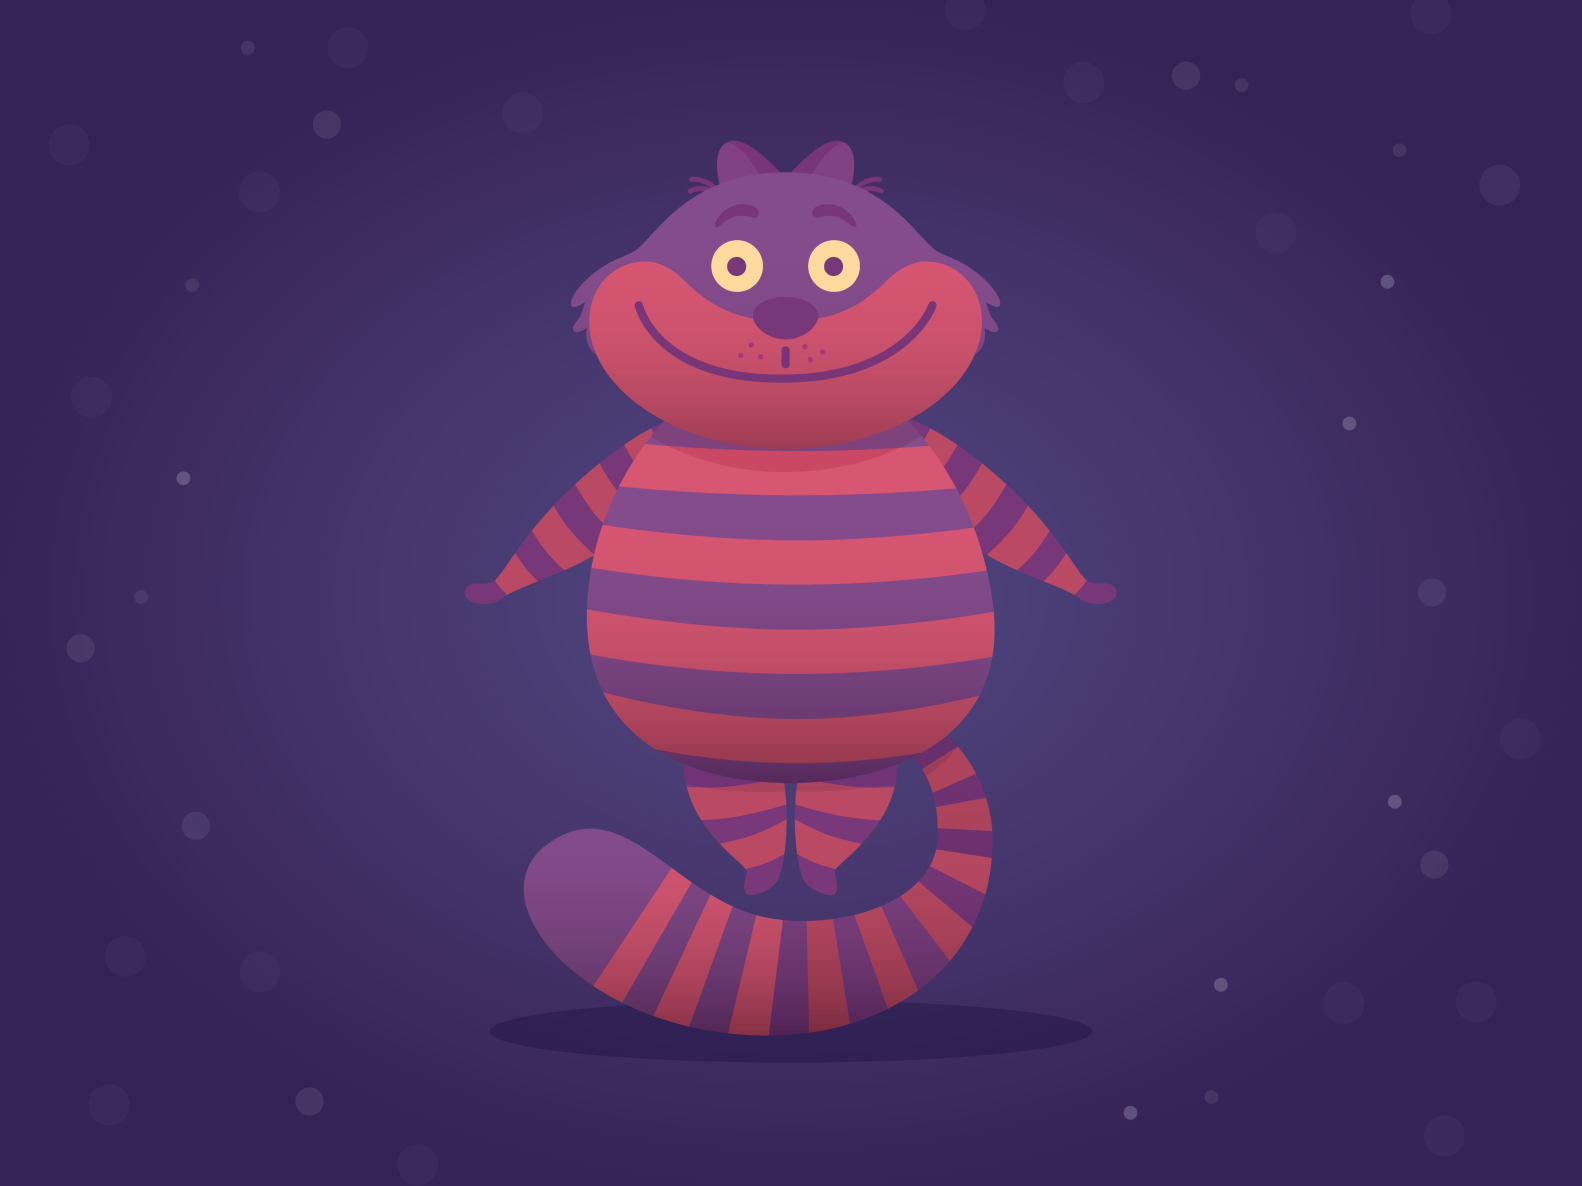 Cheshire Cat Fan Art in 2020 Cheshire cat art, Art